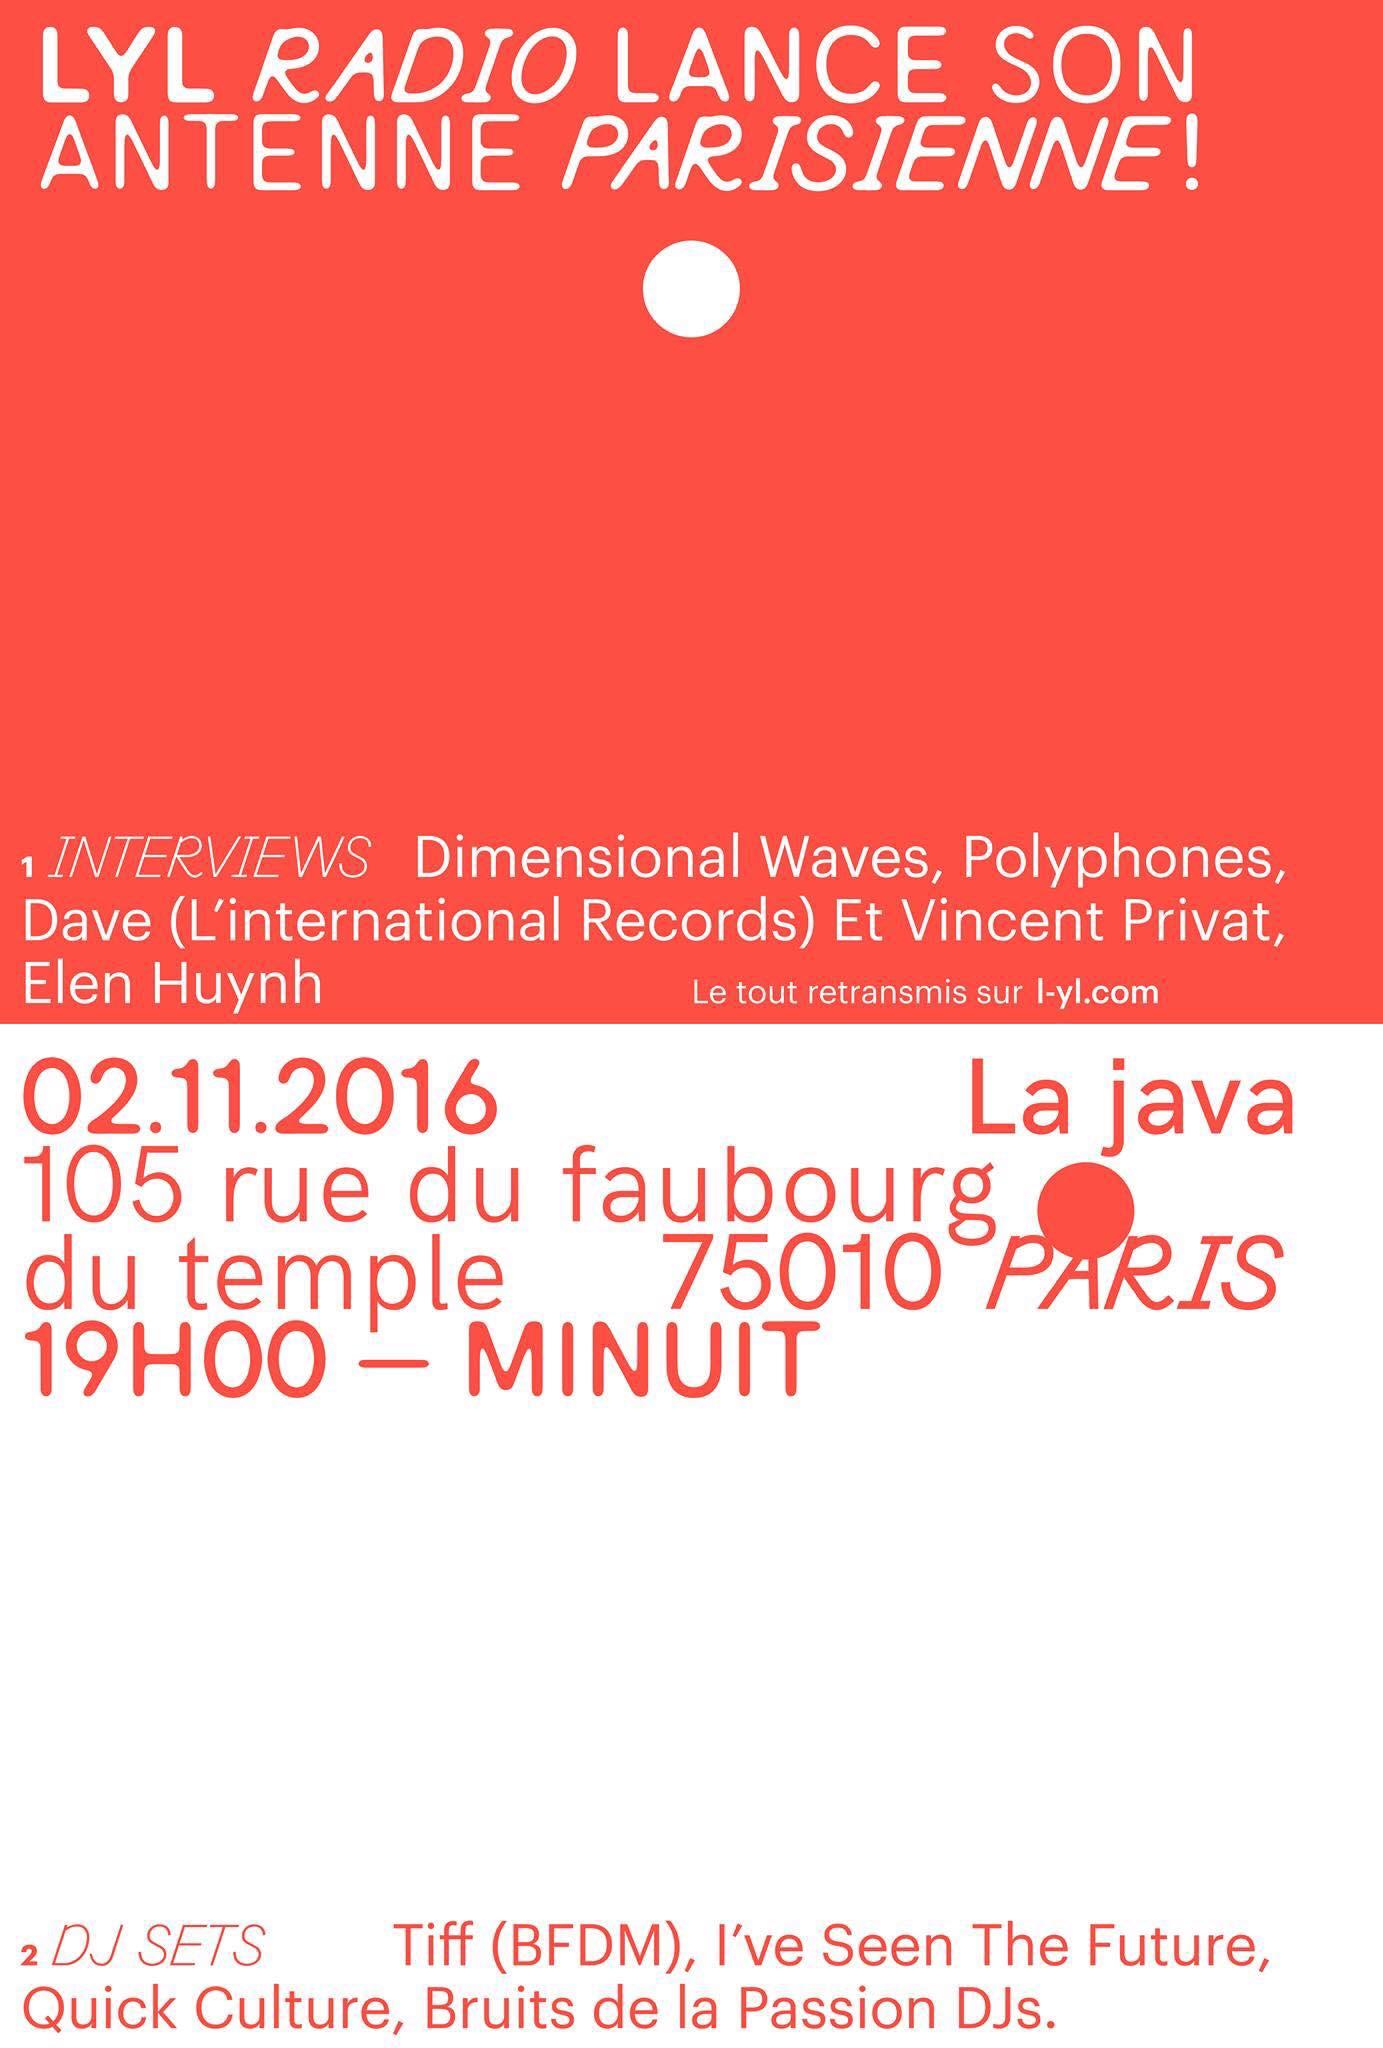 lyl-paris-lancement